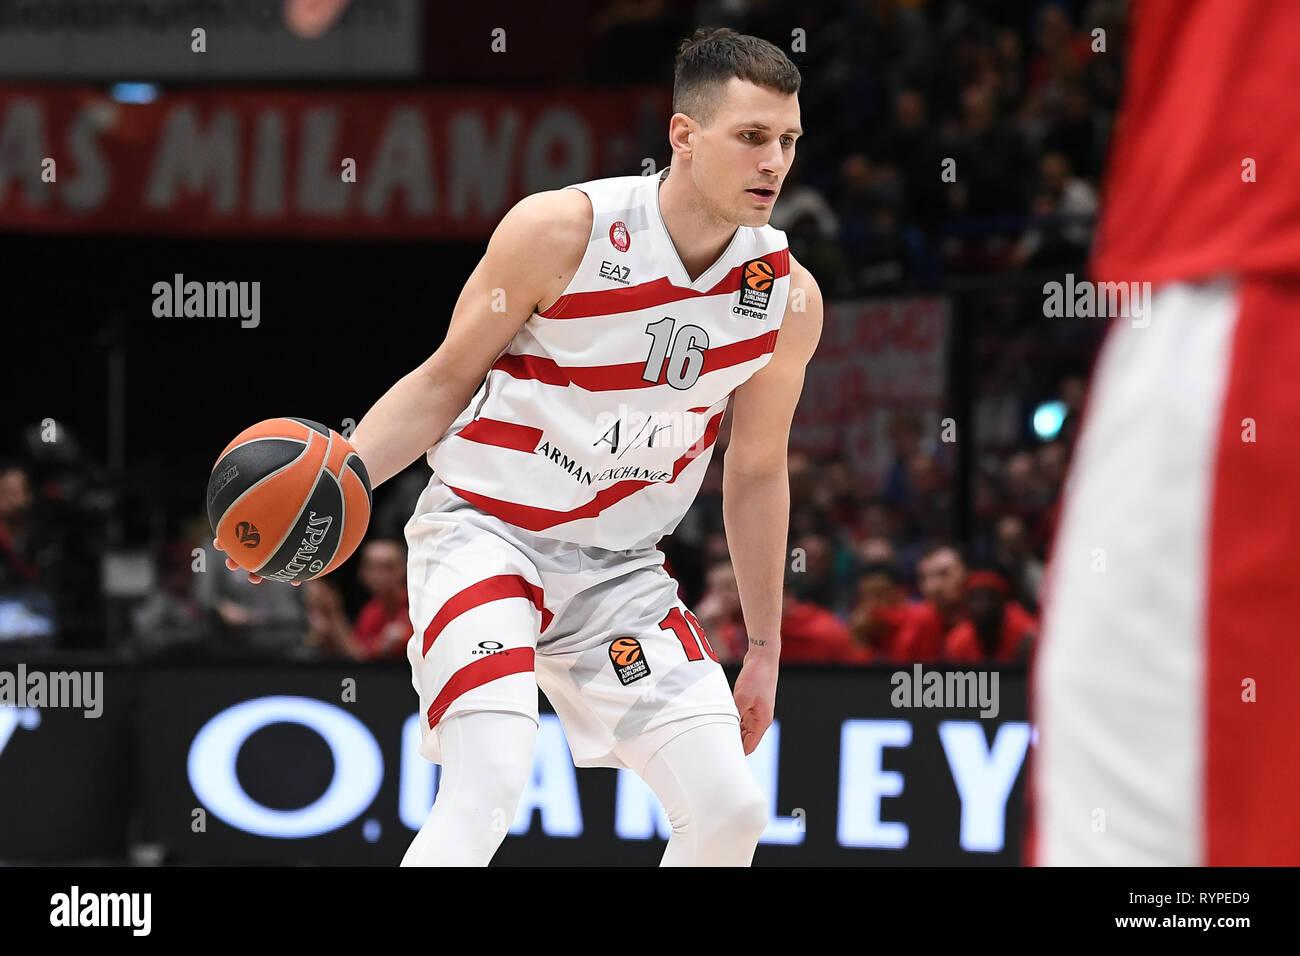 673178db96b Foto Claudio Grassi/LaPresse 14 marzo 2019 Assago (MI) Italia sport basket  AX